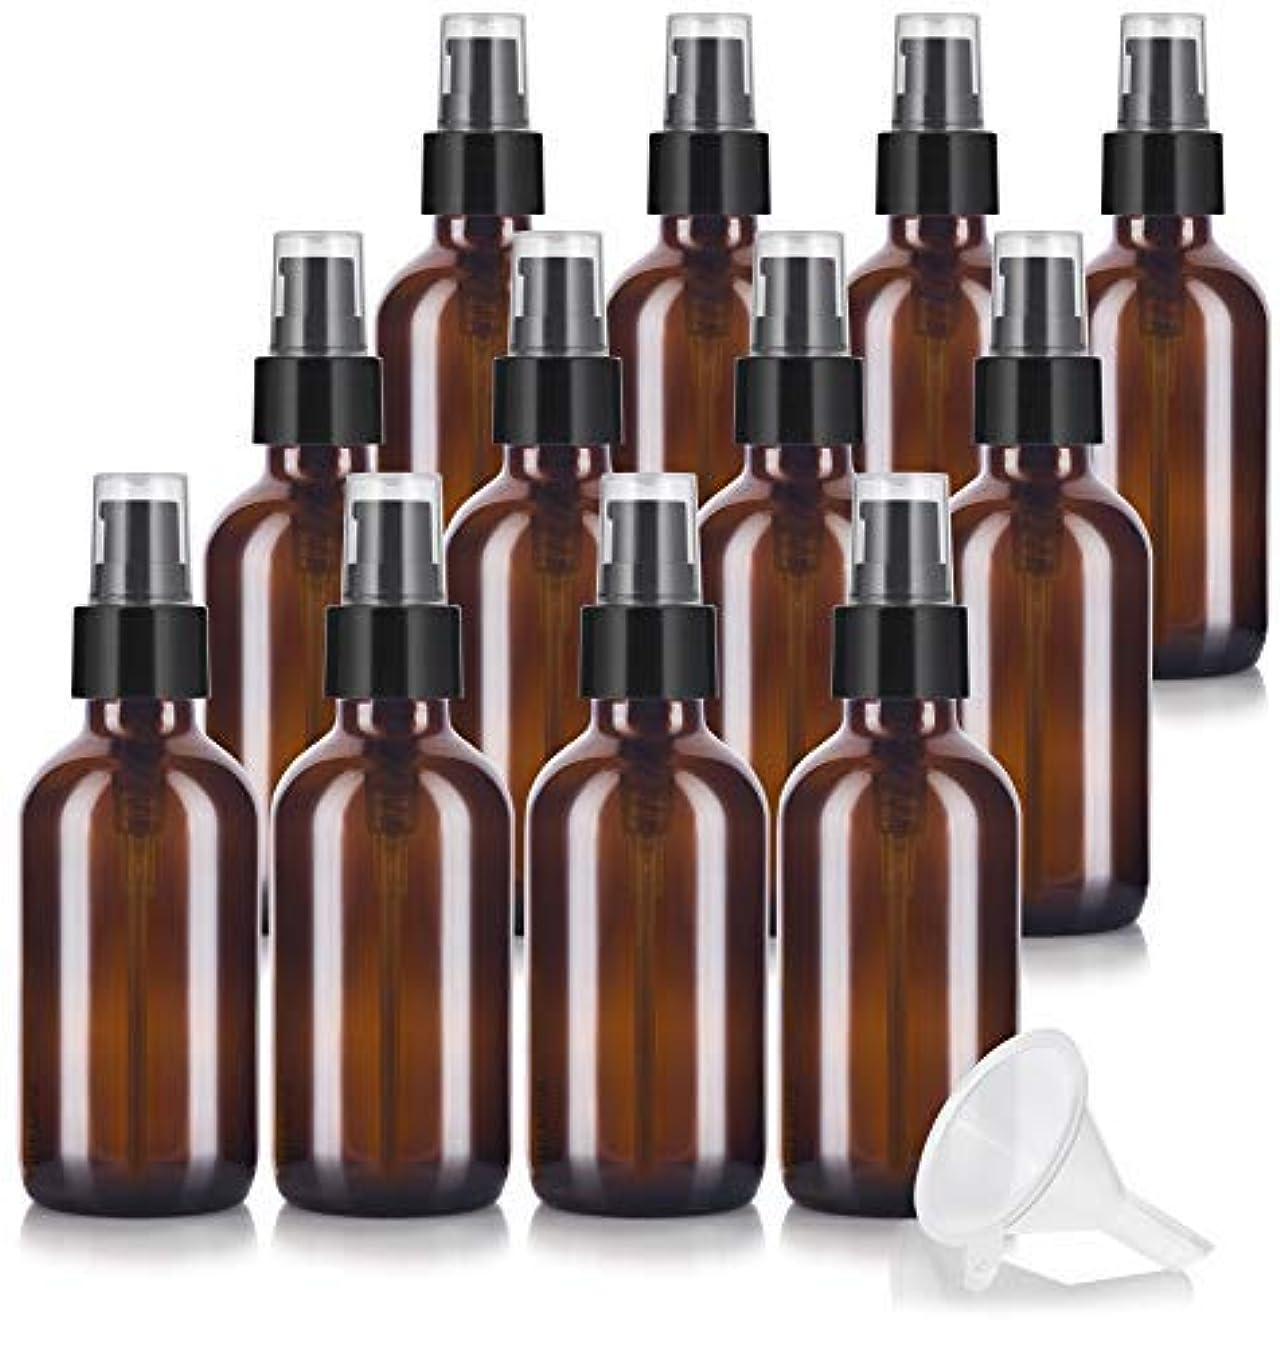 マカダムジャグリング懐4 oz Amber Glass Boston Round Treatment Pump Bottle (12 pack) + Funnel and Labels for essential oils, aromatherapy,food grade, bpa free [並行輸入品]